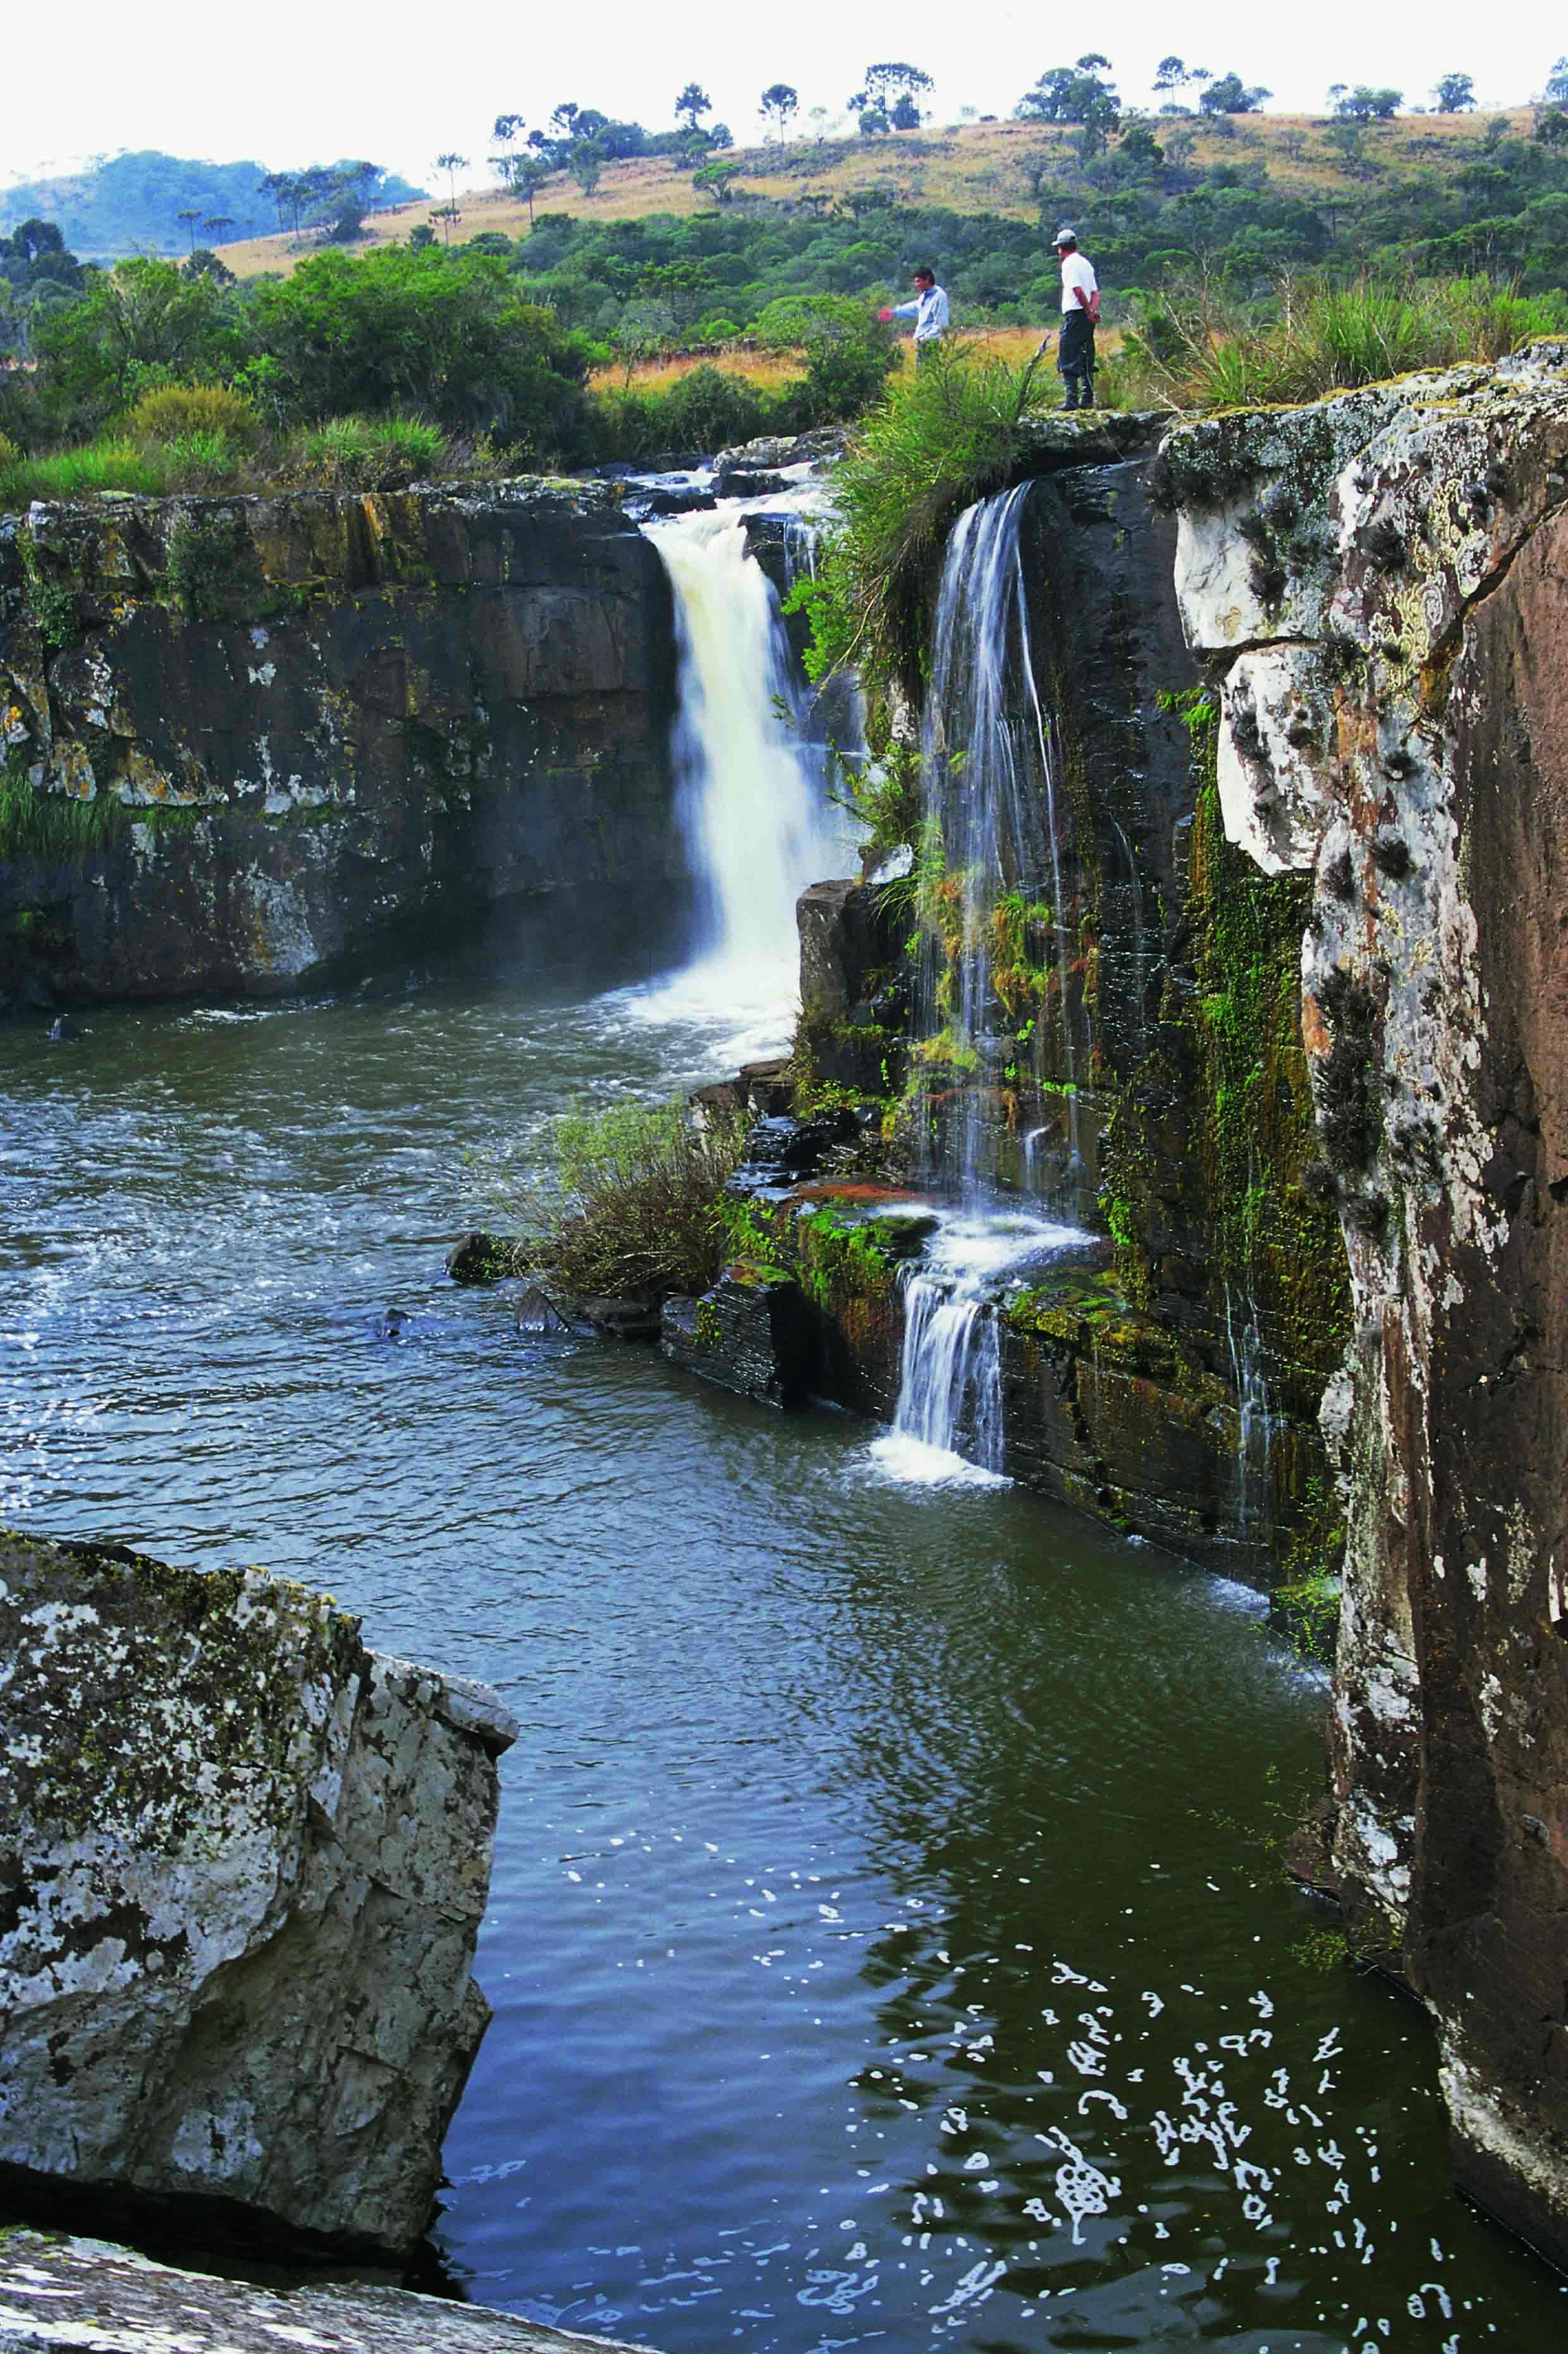 Lugares para visitar na regio Sul do Brasil  um destino